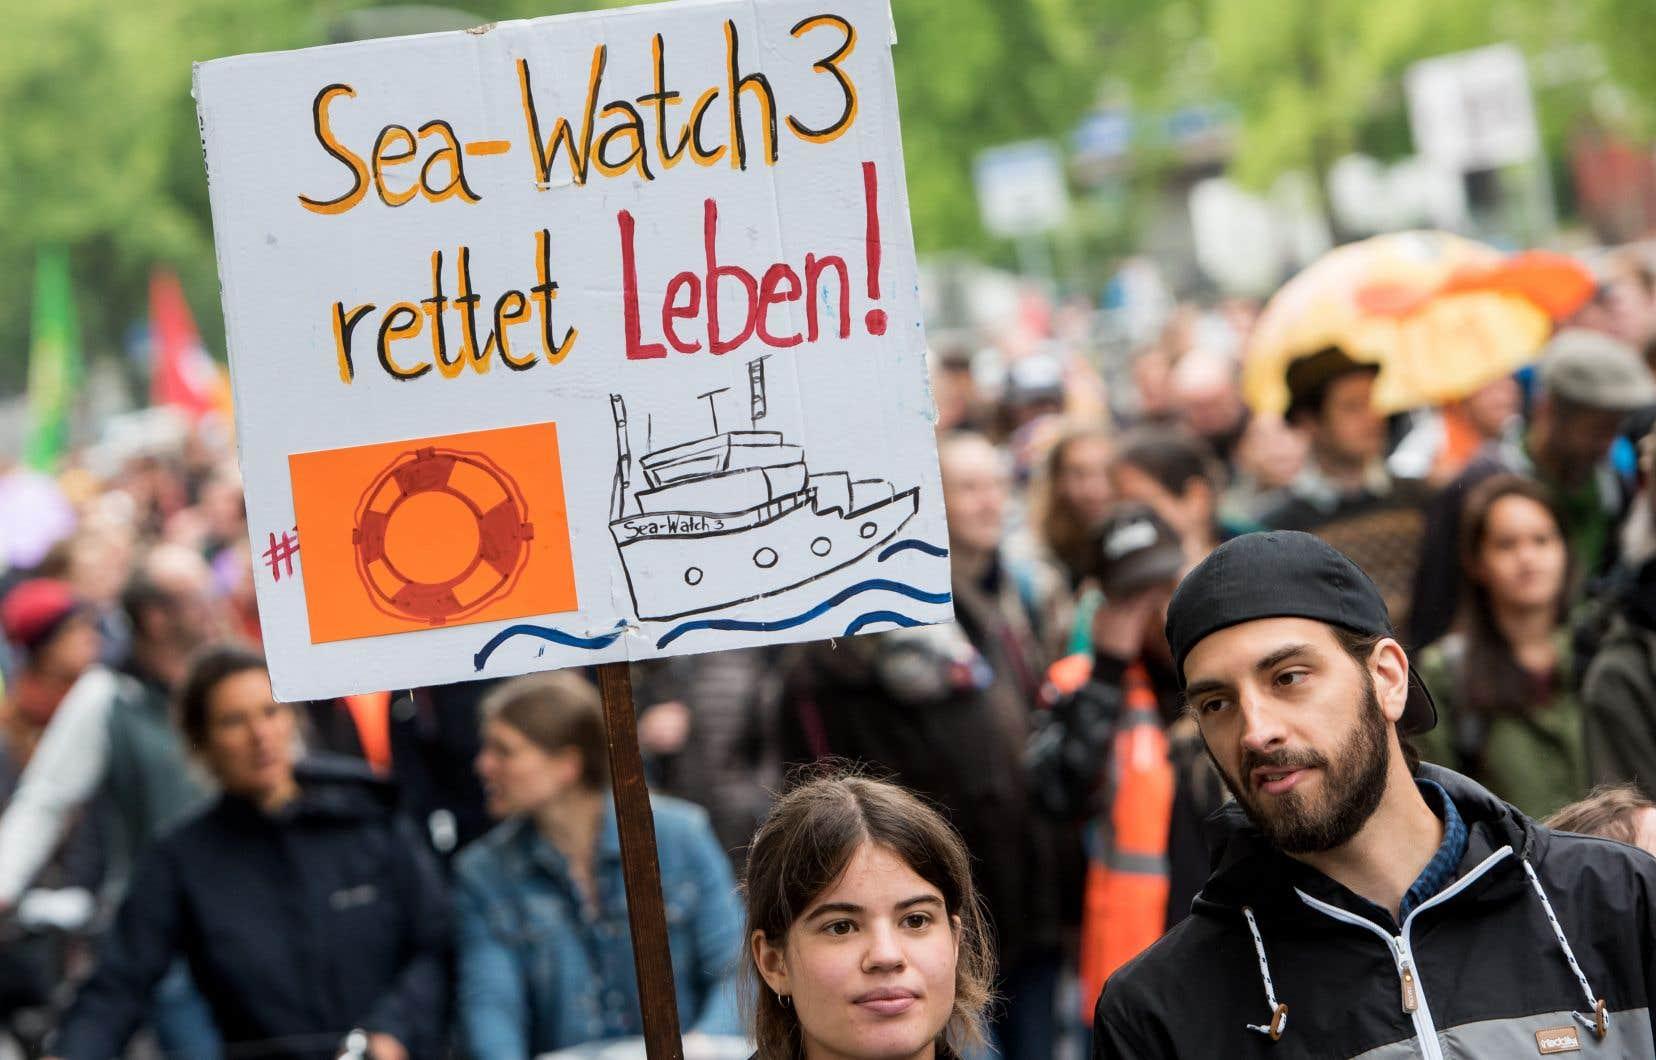 Le 6 juillet dernier, une manifestation a eu lieu à Hambourg en soutien à l'ONG Sea-Watch et à la capitaine du Sea-Watch 3, Carola Rackete. Rackete a été arrêtée alors qu'elle tentait d'accoster sur les côtes italiennes avec des migrants à son bord.